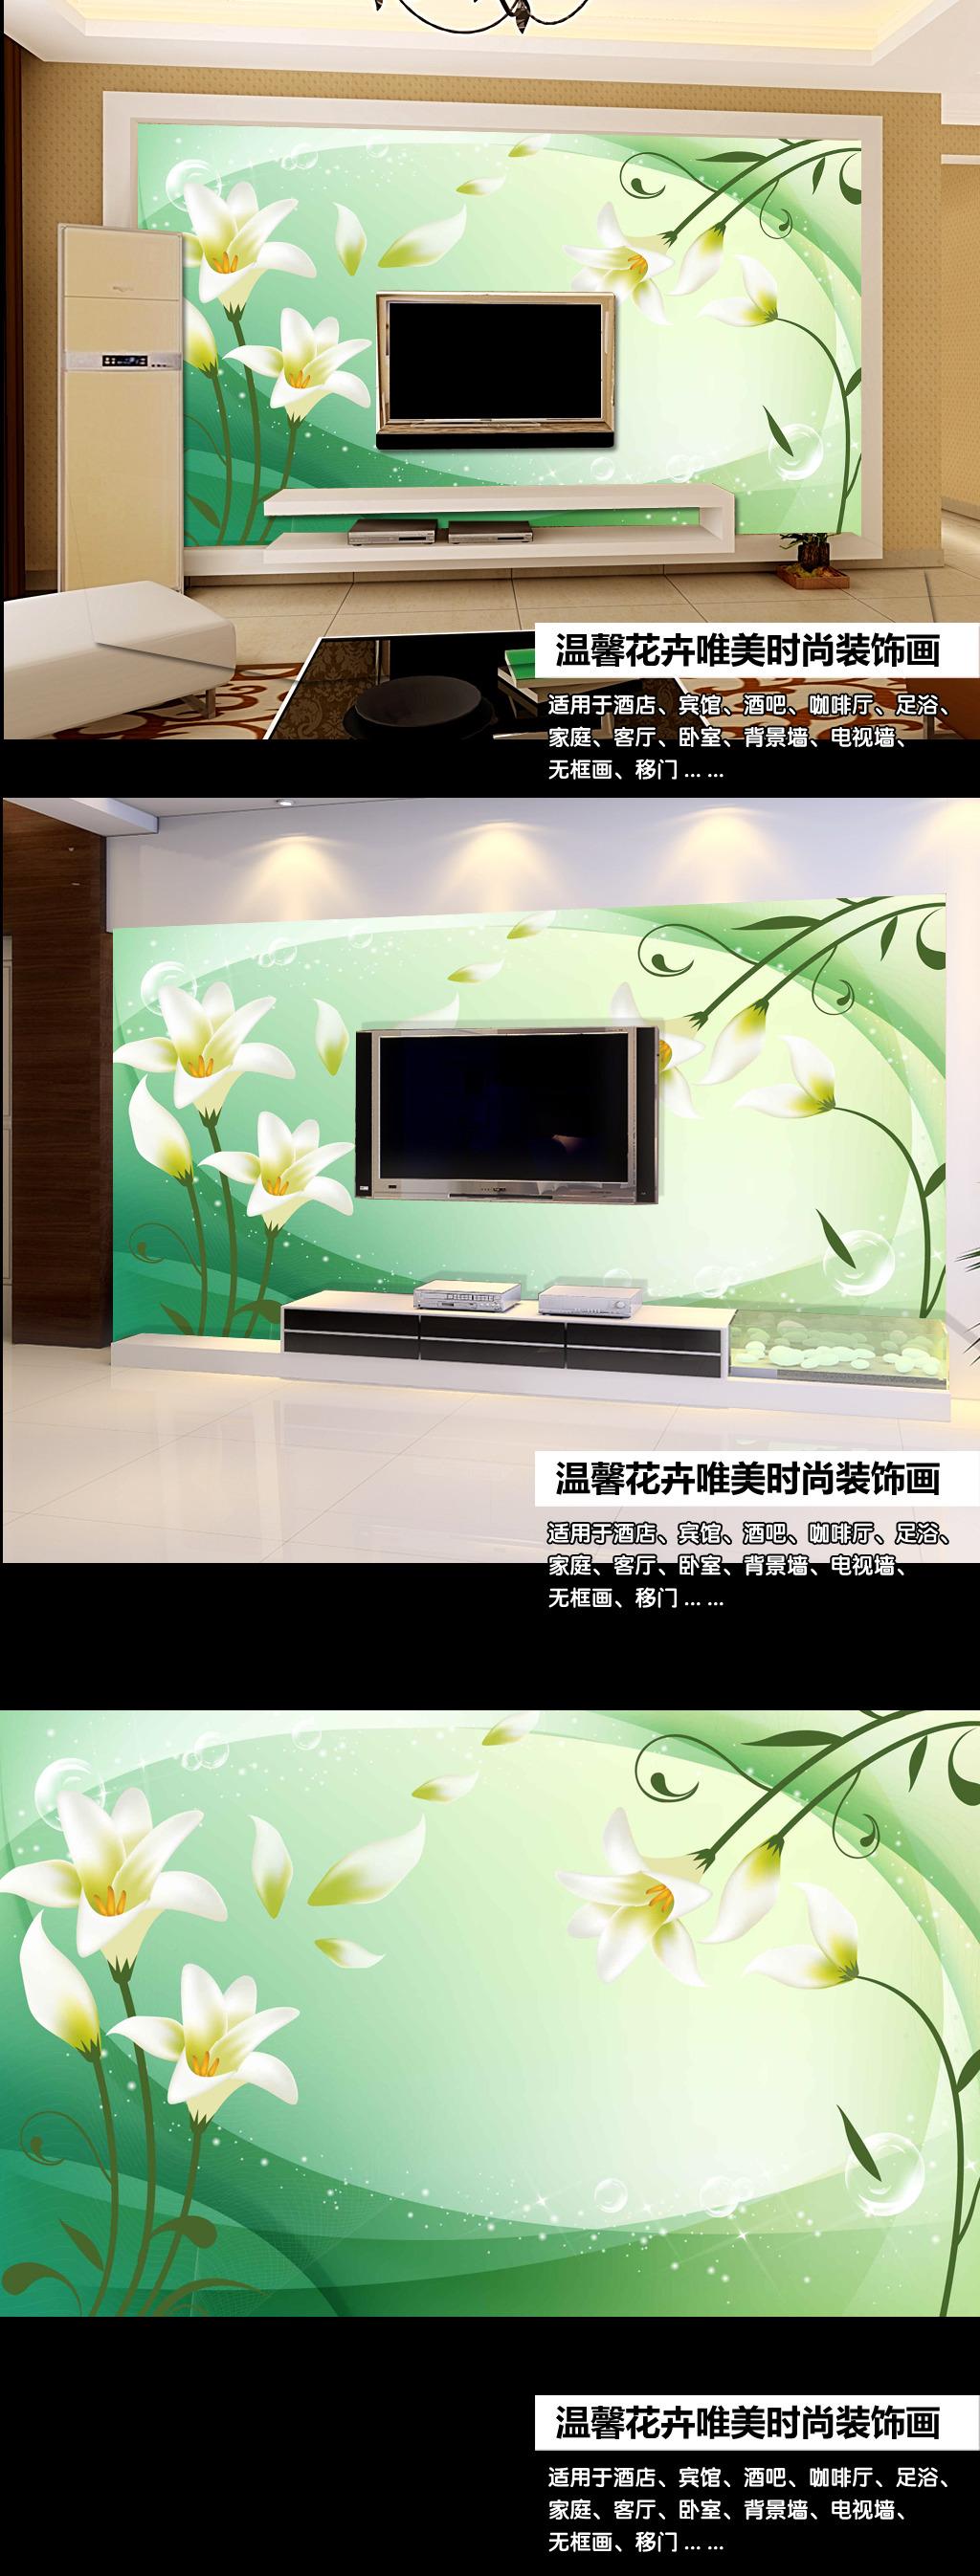 背景墙 电视 矢量/[版权图片]全矢量百合花电视背景墙